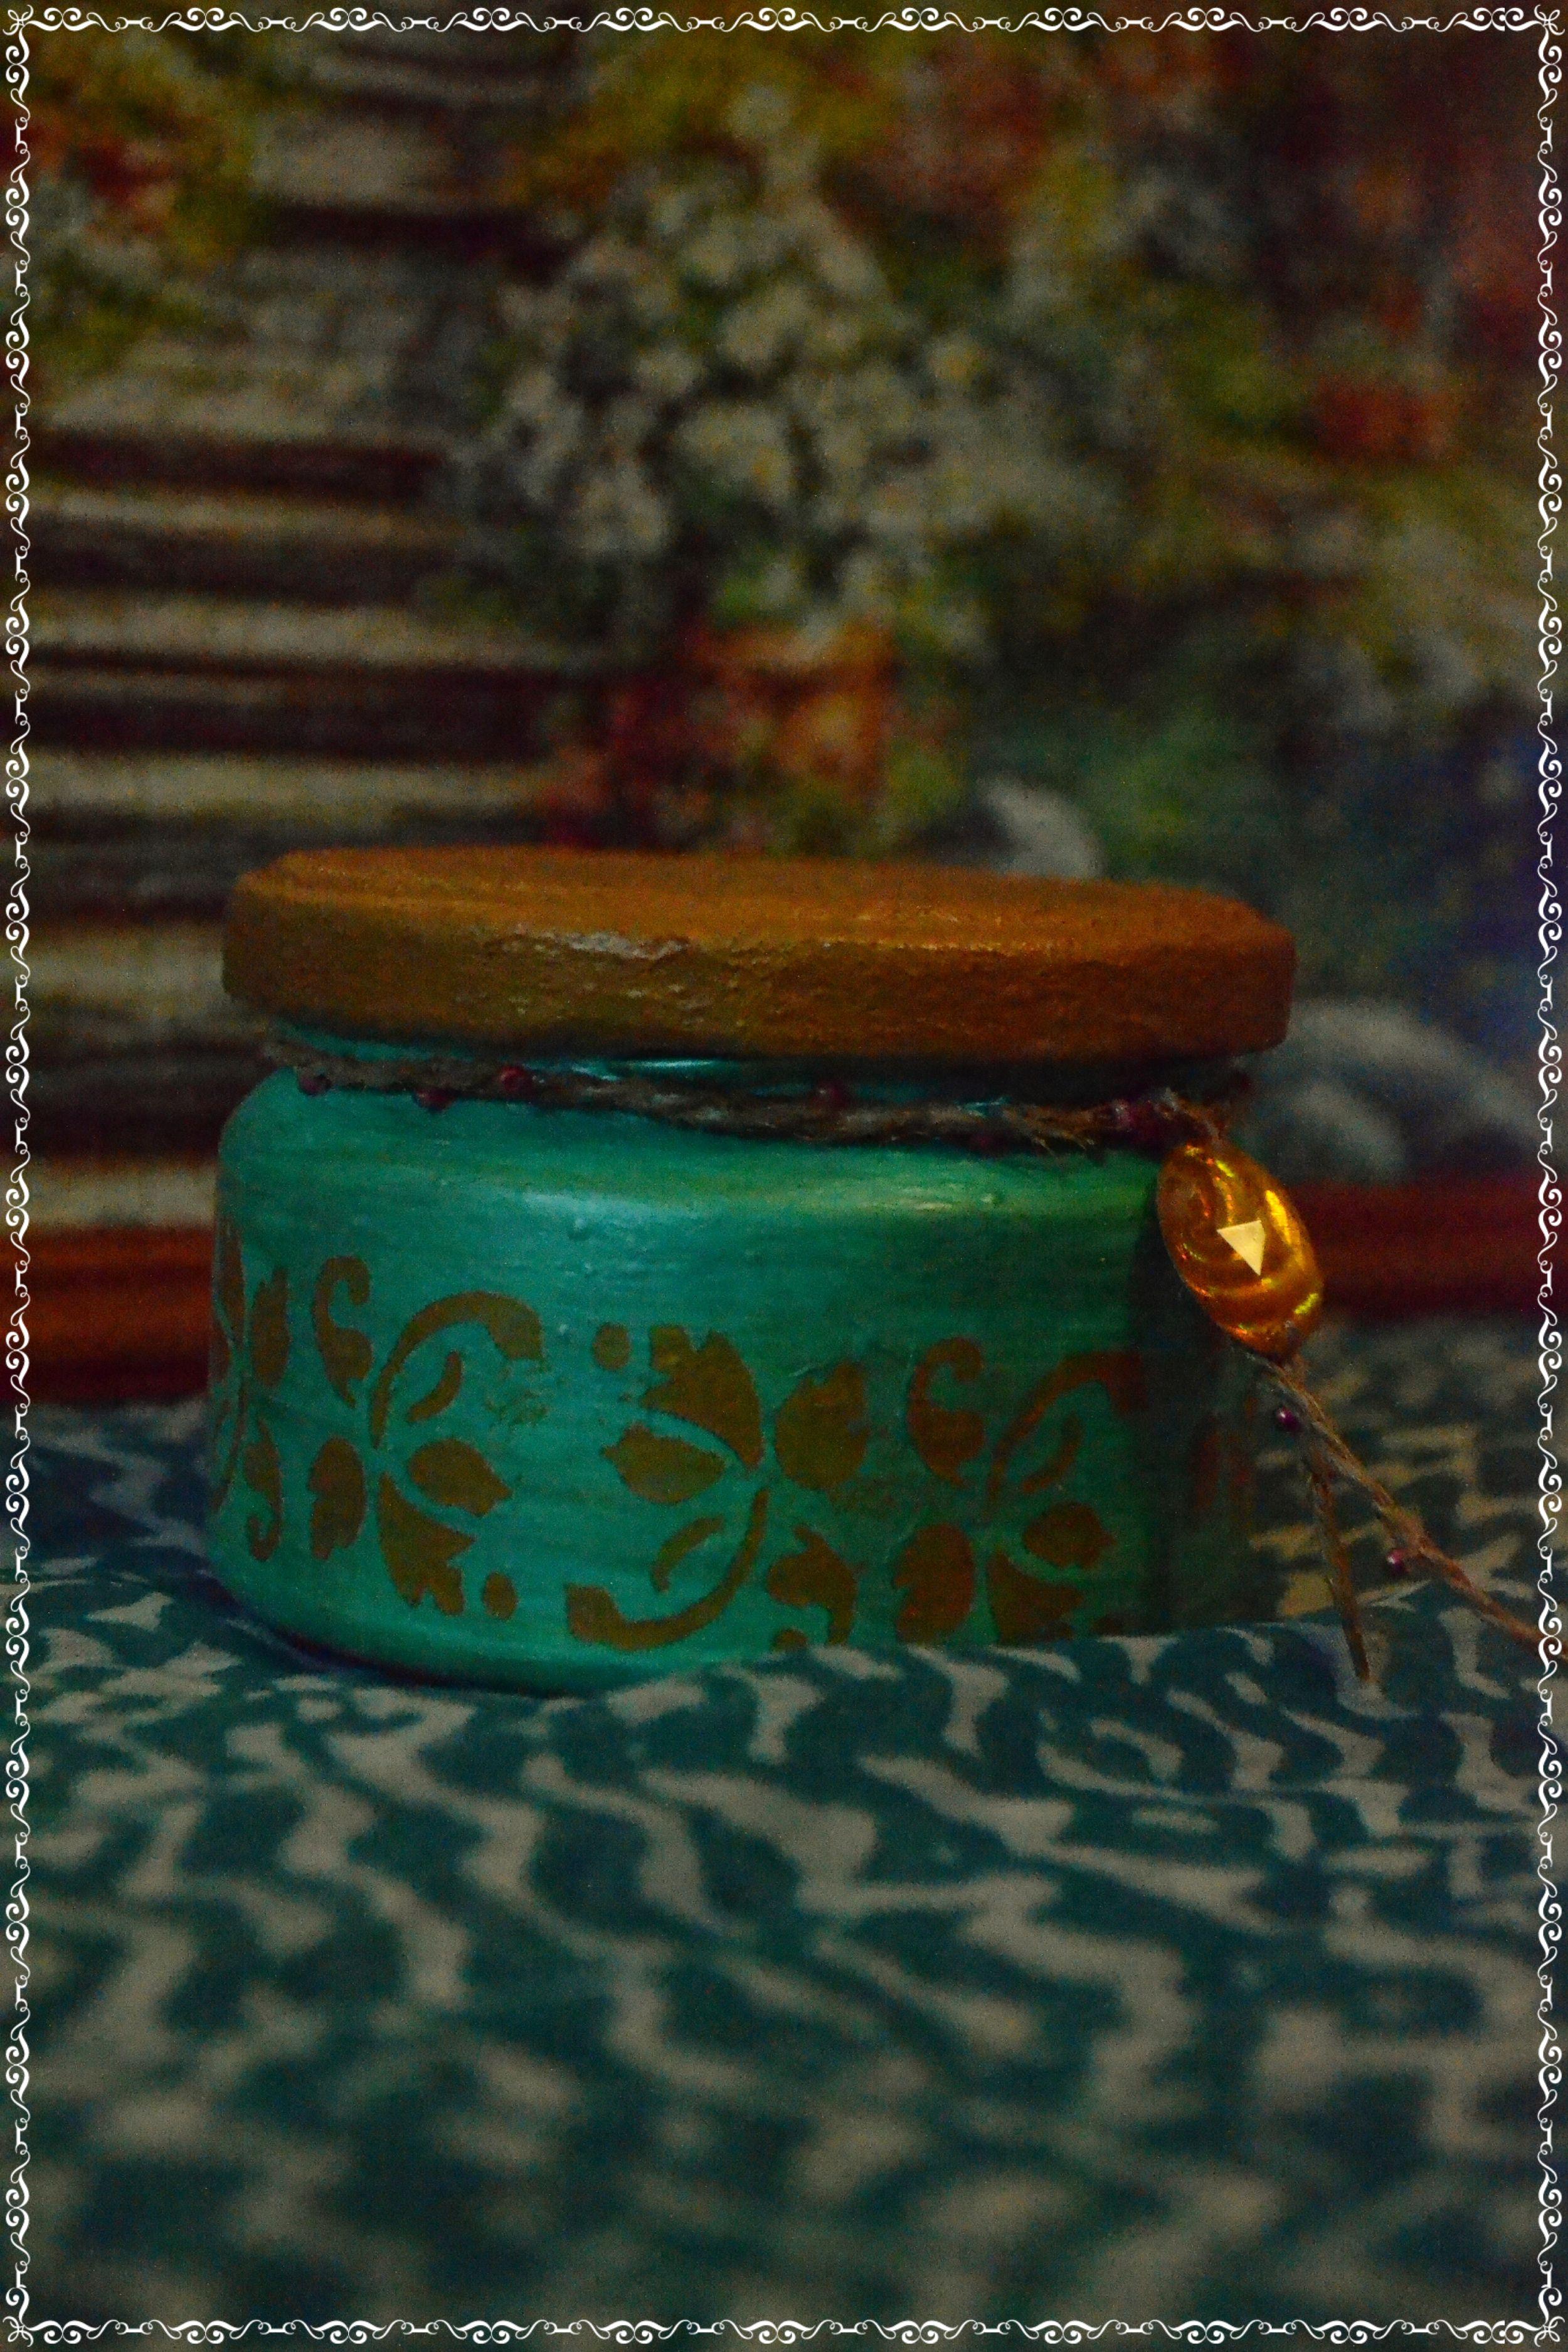 8 марта баночка маме восточный дляспеций кухня интерьер узор подарок